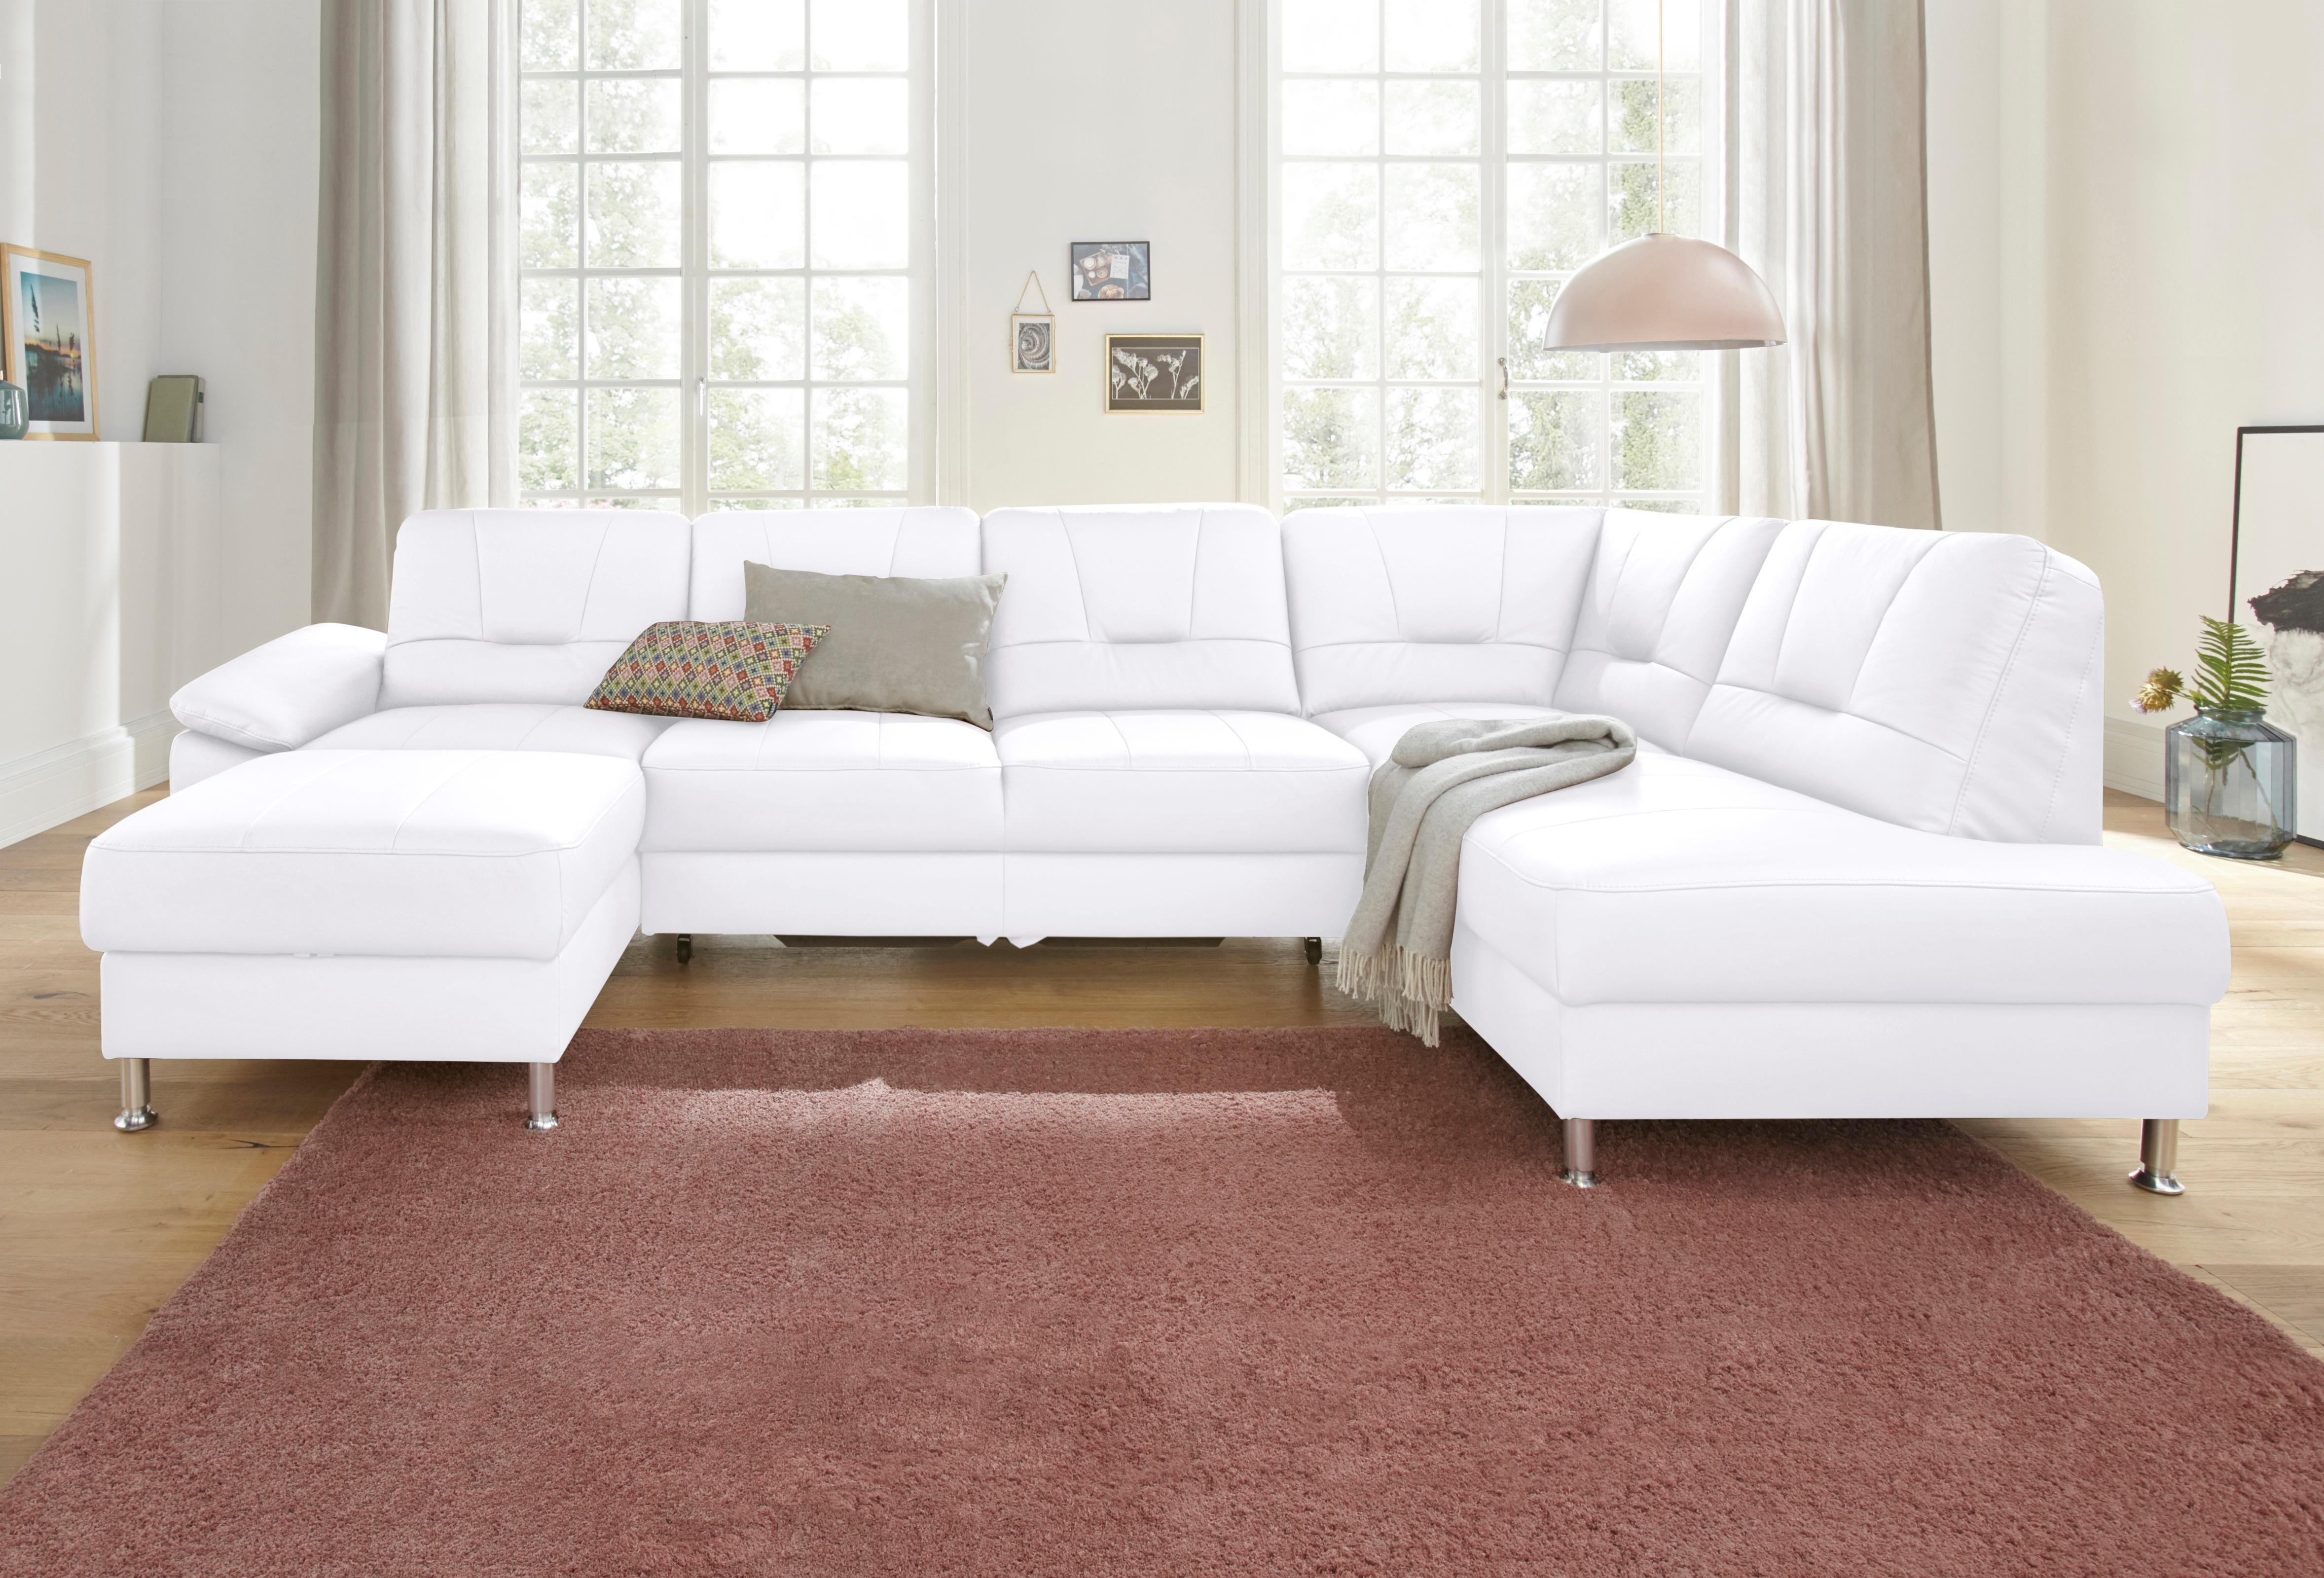 exxpo - sofa fashion zithoek optioneel met bedfunctie bestellen: 30 dagen bedenktijd